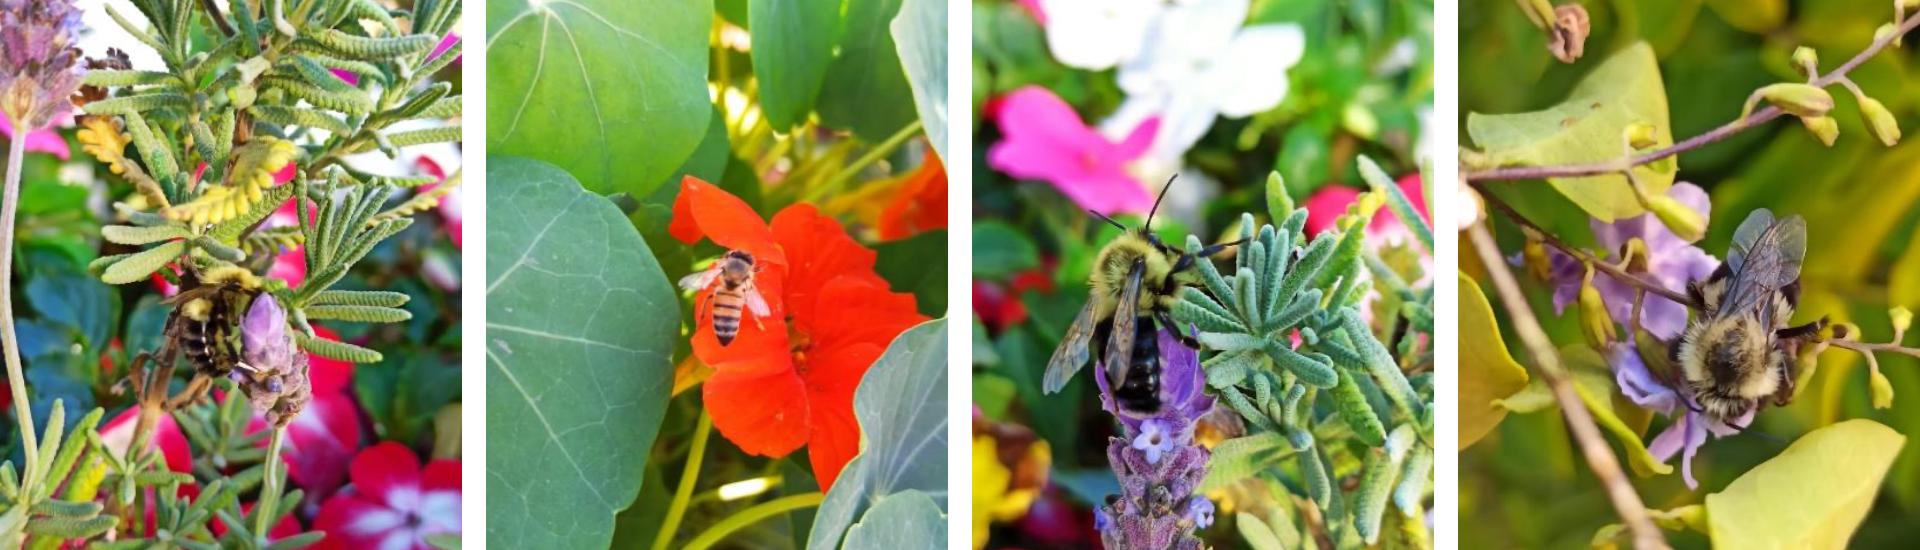 Alas para el Campo, cuidando a la mariposa monarca y a los polinizadores